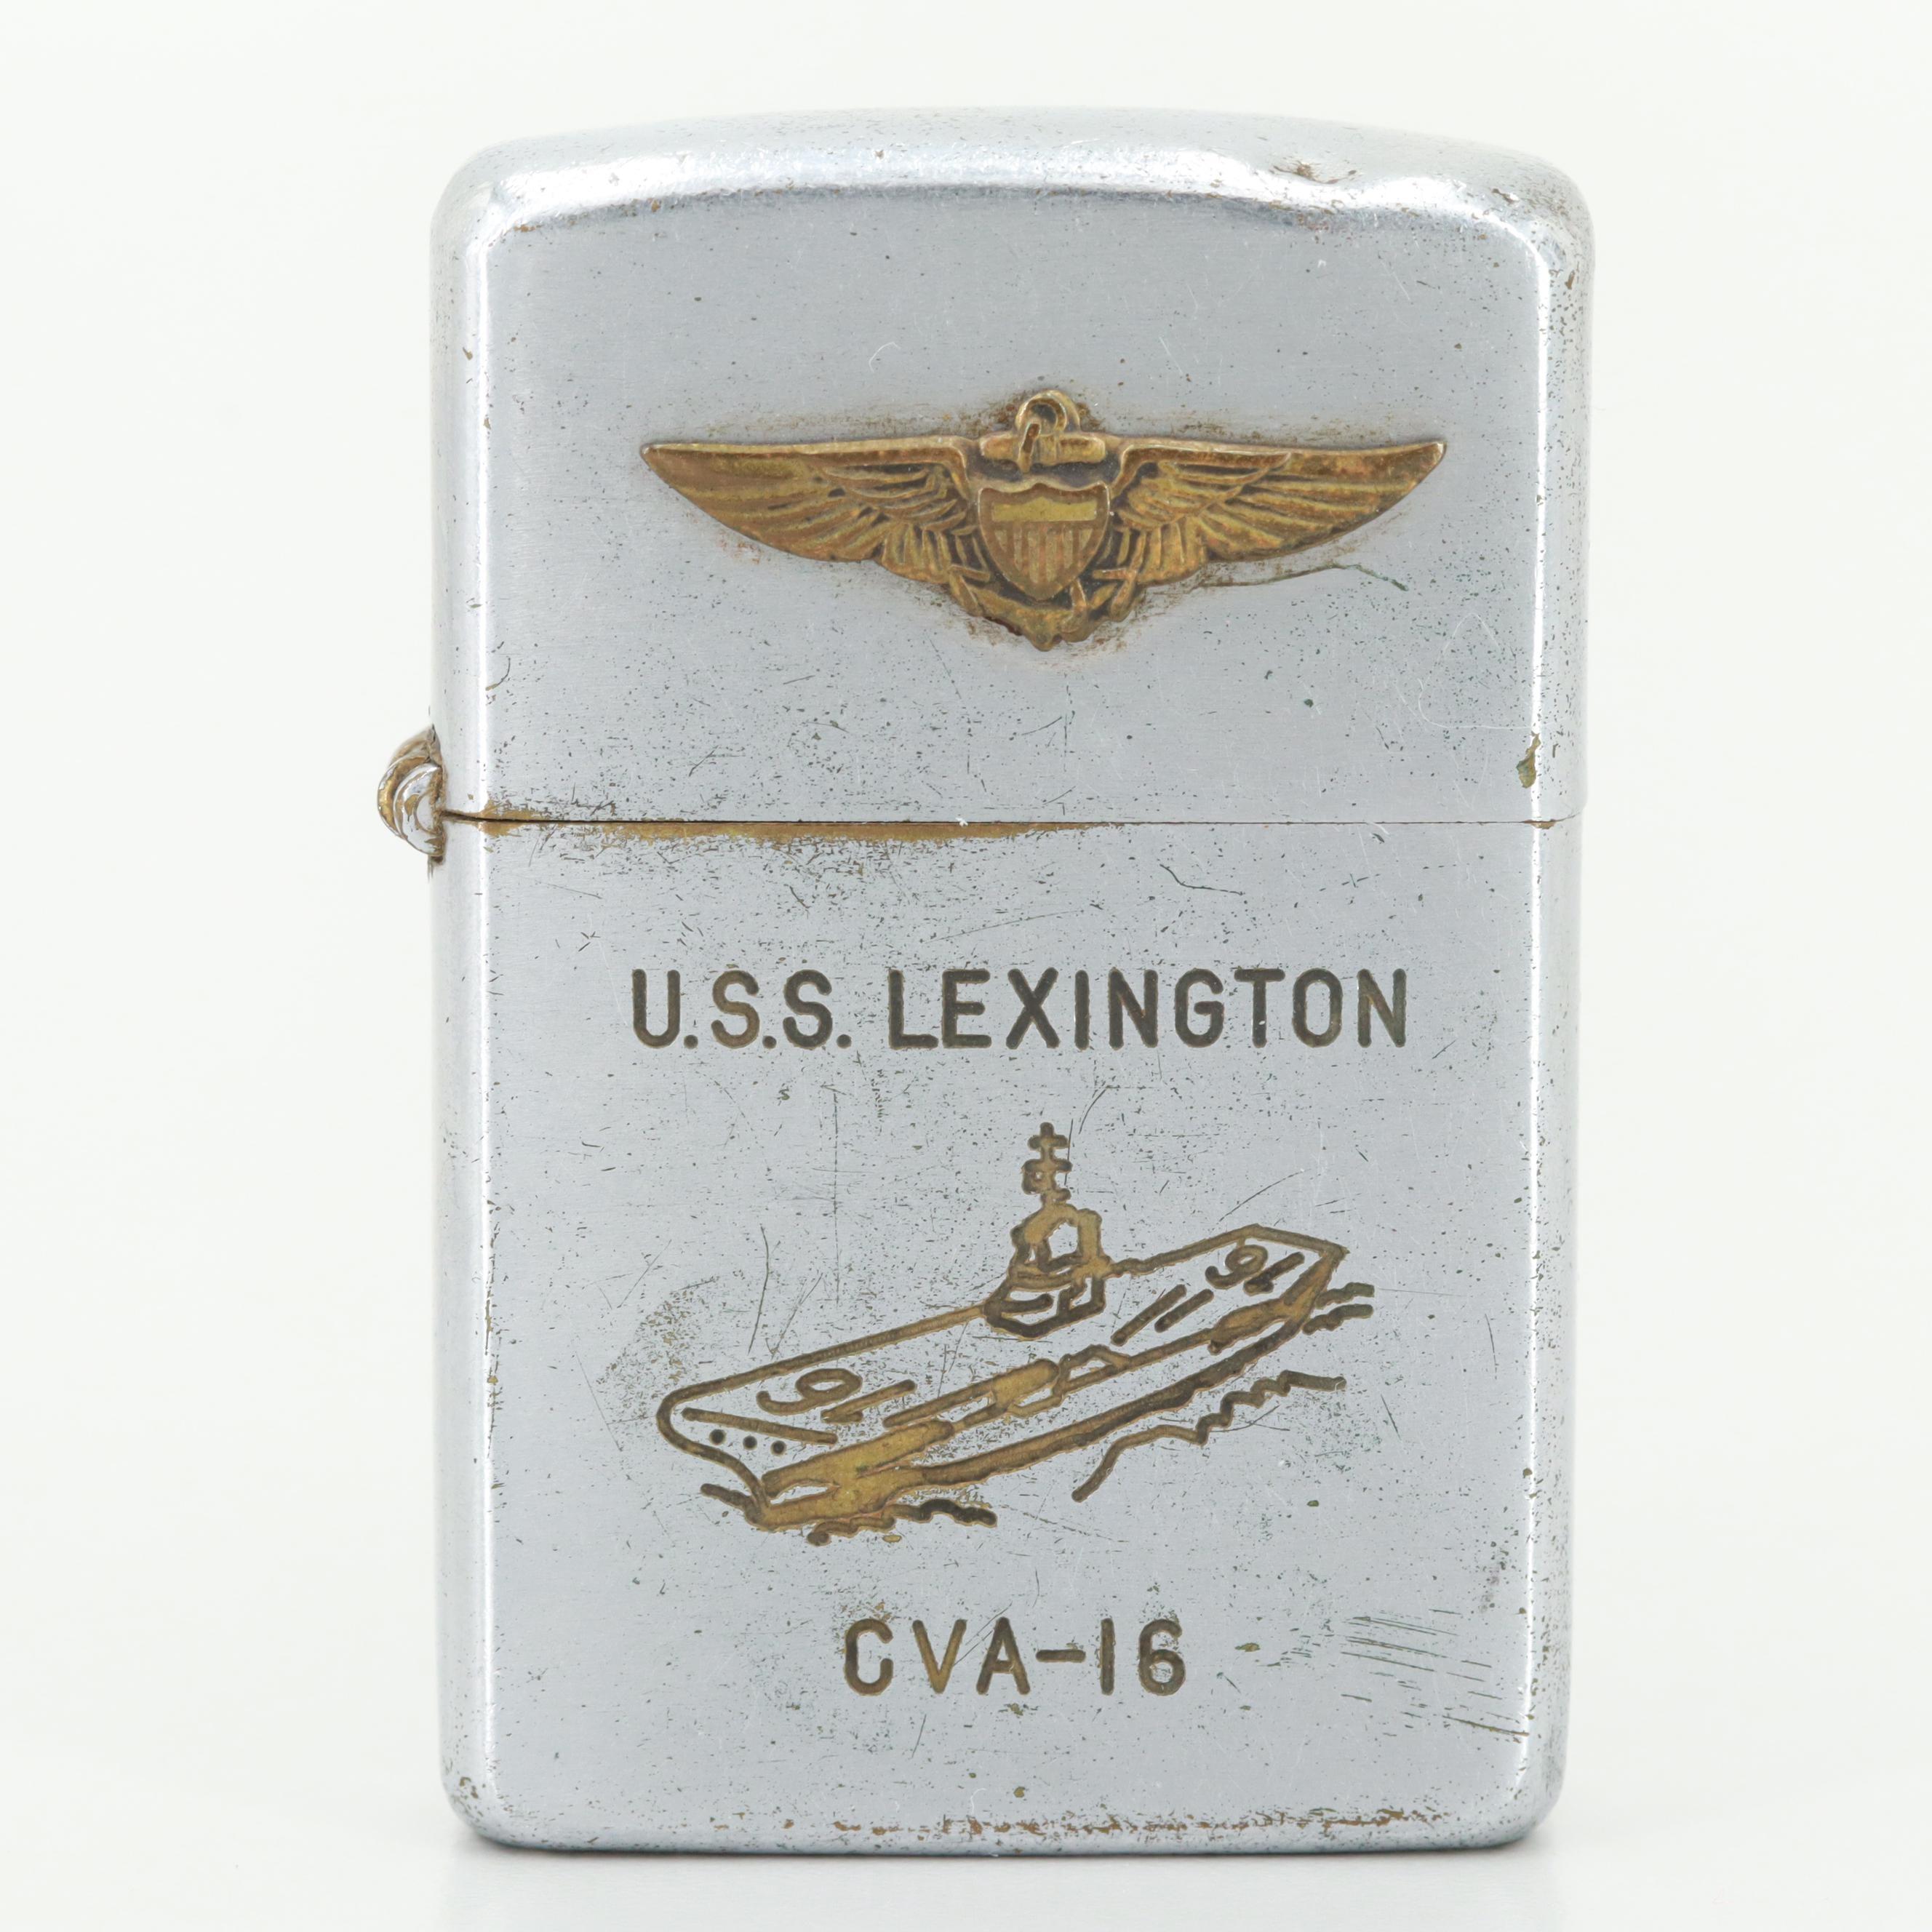 Silver Tone U.S.S. Lexington Lighter